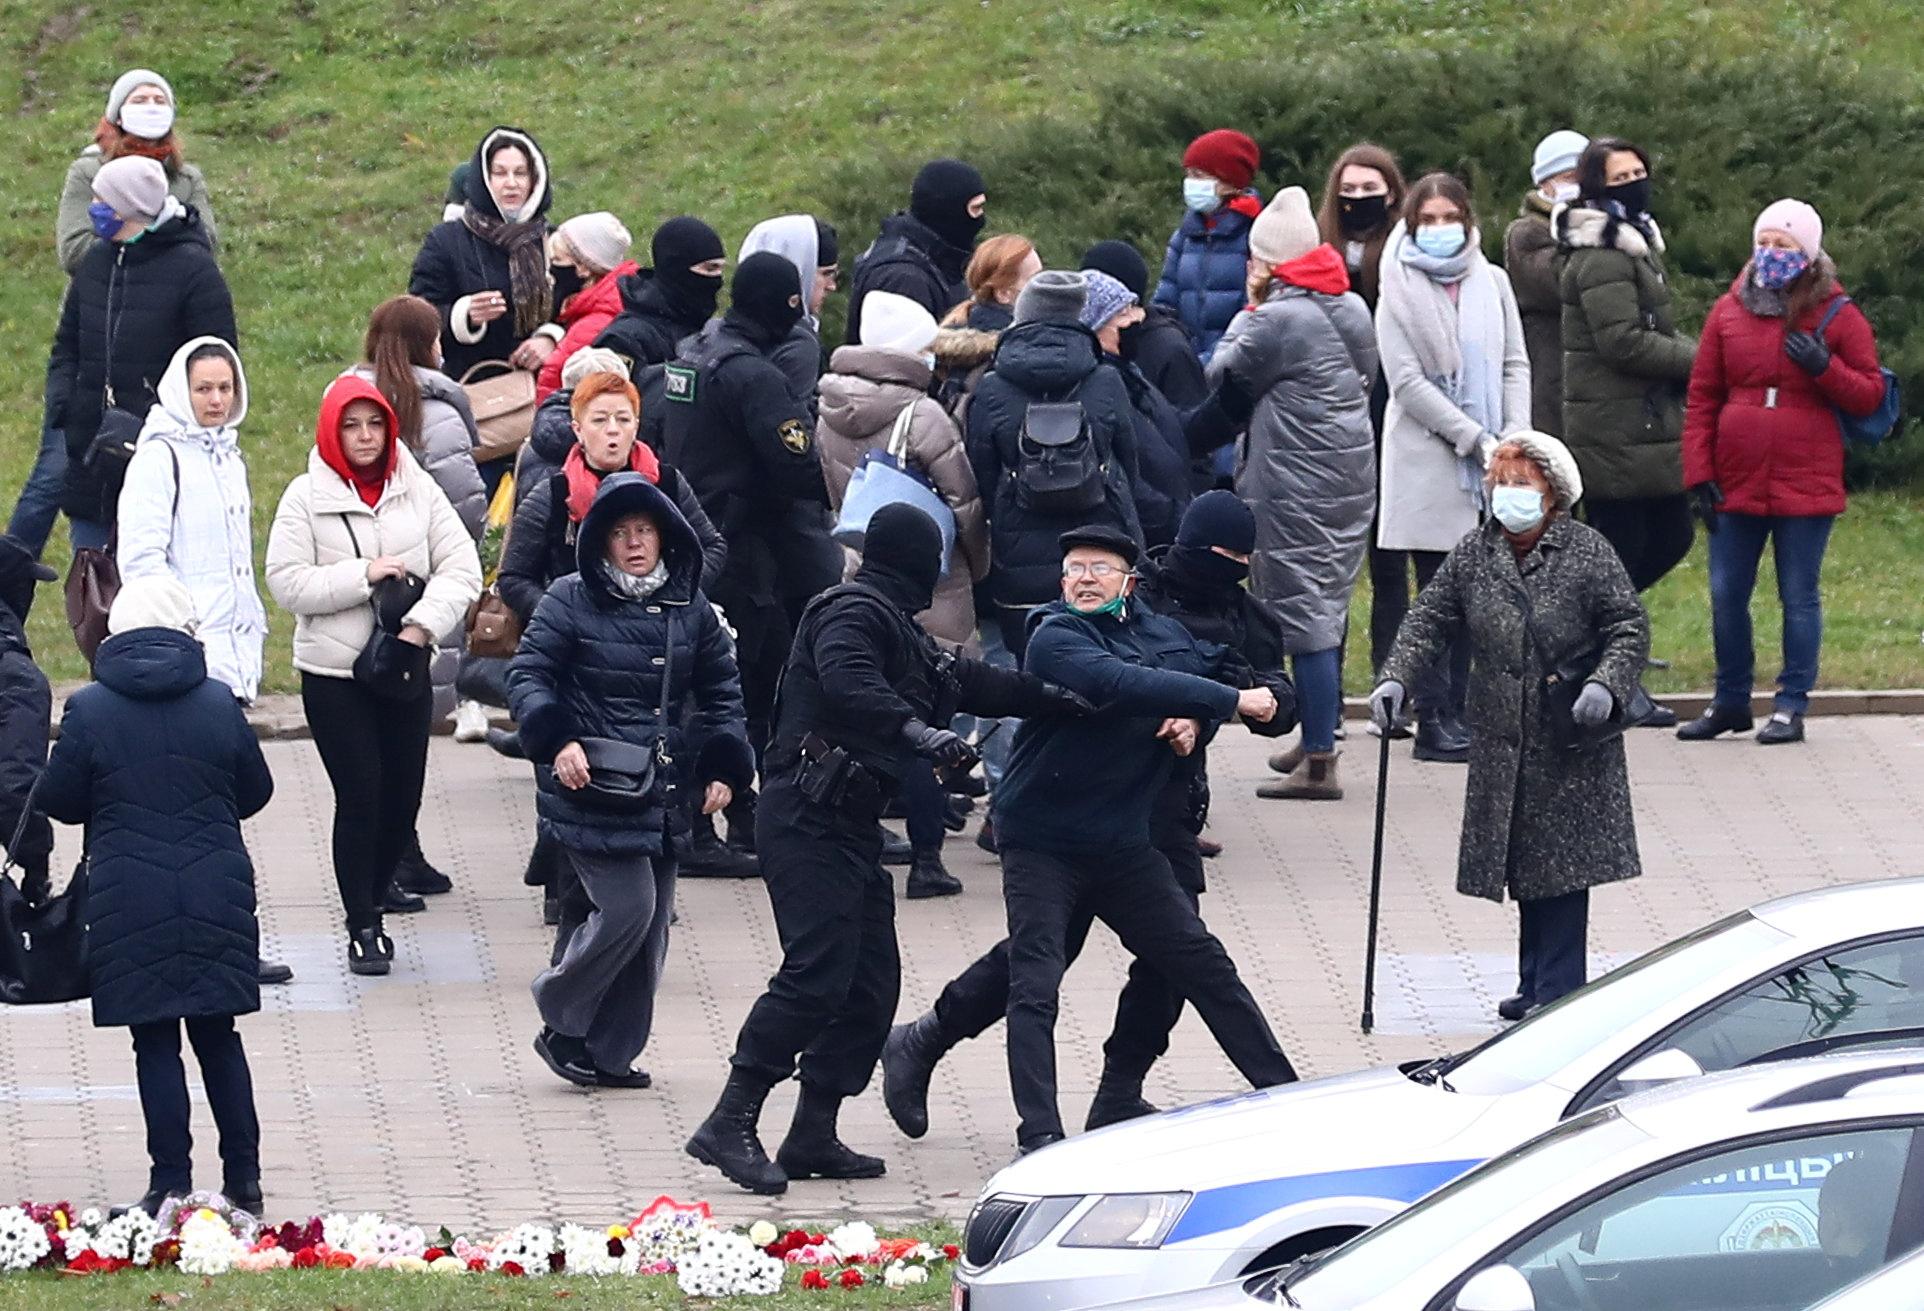 Λευκορωσία: Εκατοντάδες προσαγωγές και συλλήψεις στο Μινσκ- Η αστυνομία χρησιμοποίησε σφαίρες από καουτσούκ (pics, vid)